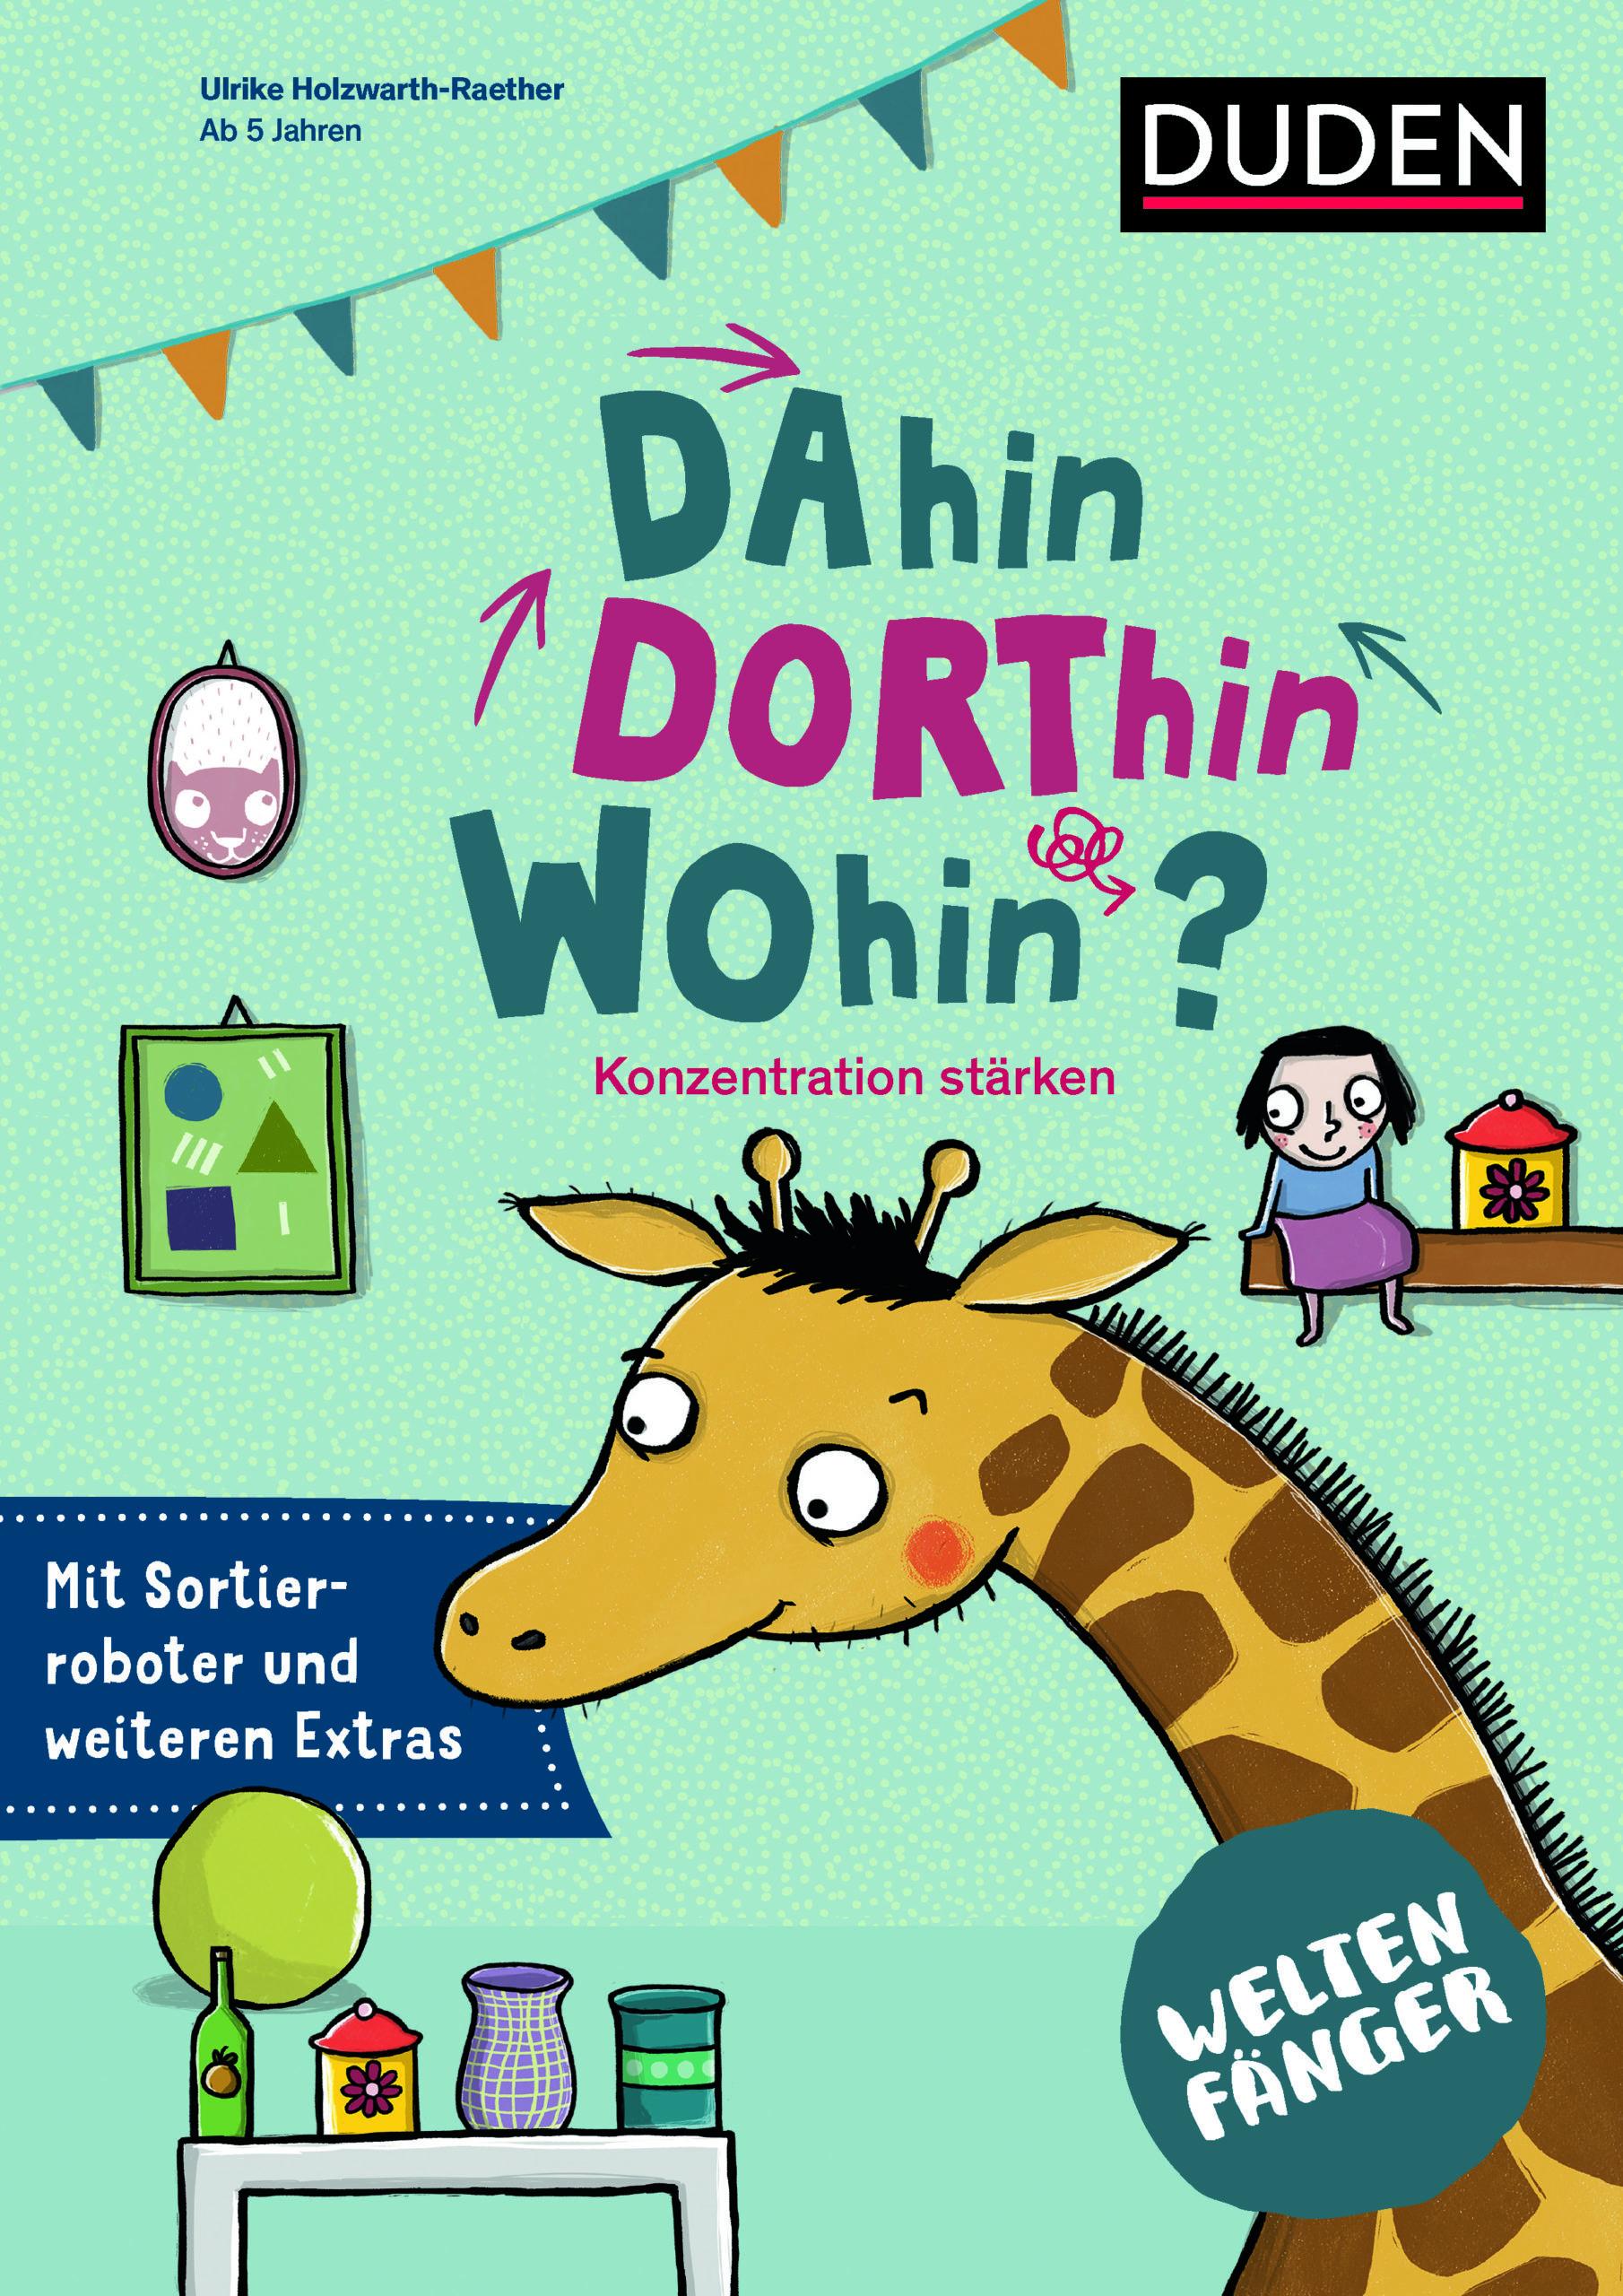 DAhin, DORThin, WOhin?